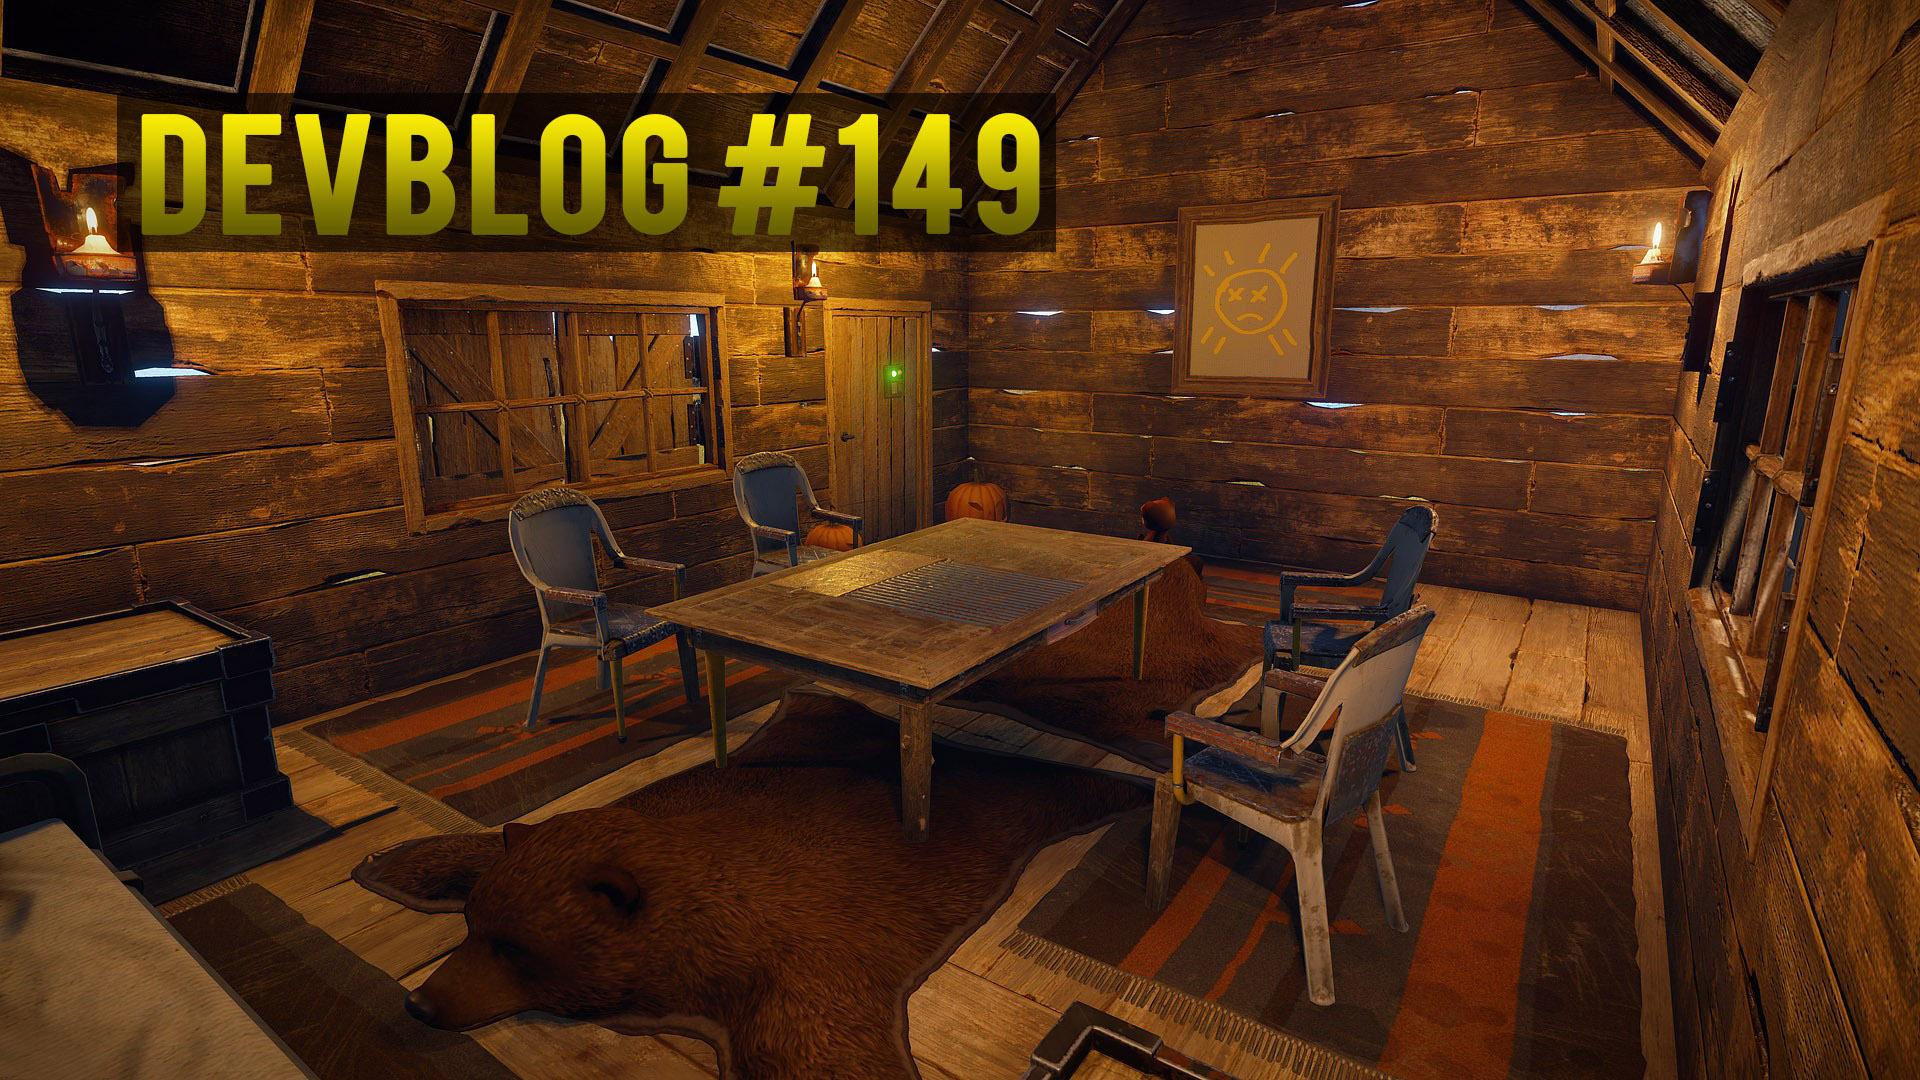 Devblog 149